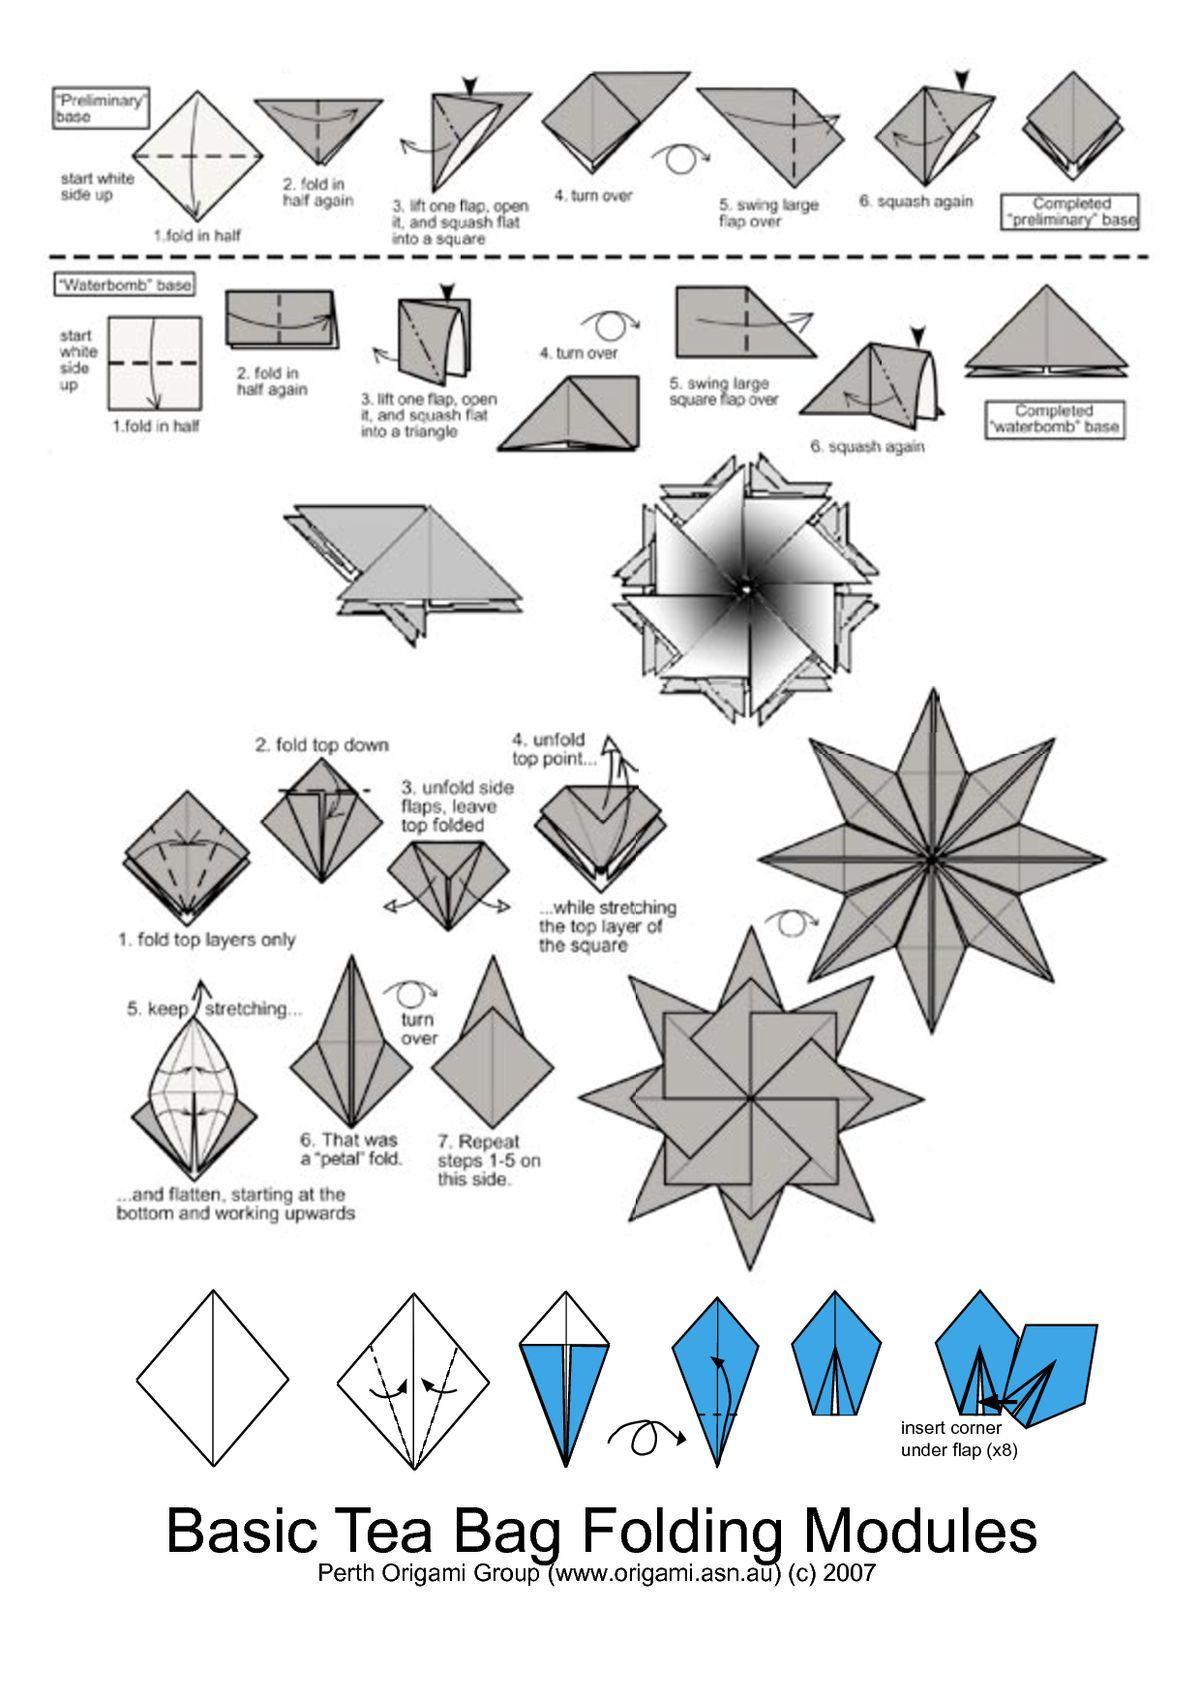 Pin By Barb Polenski On Teabag Folding And Tiles